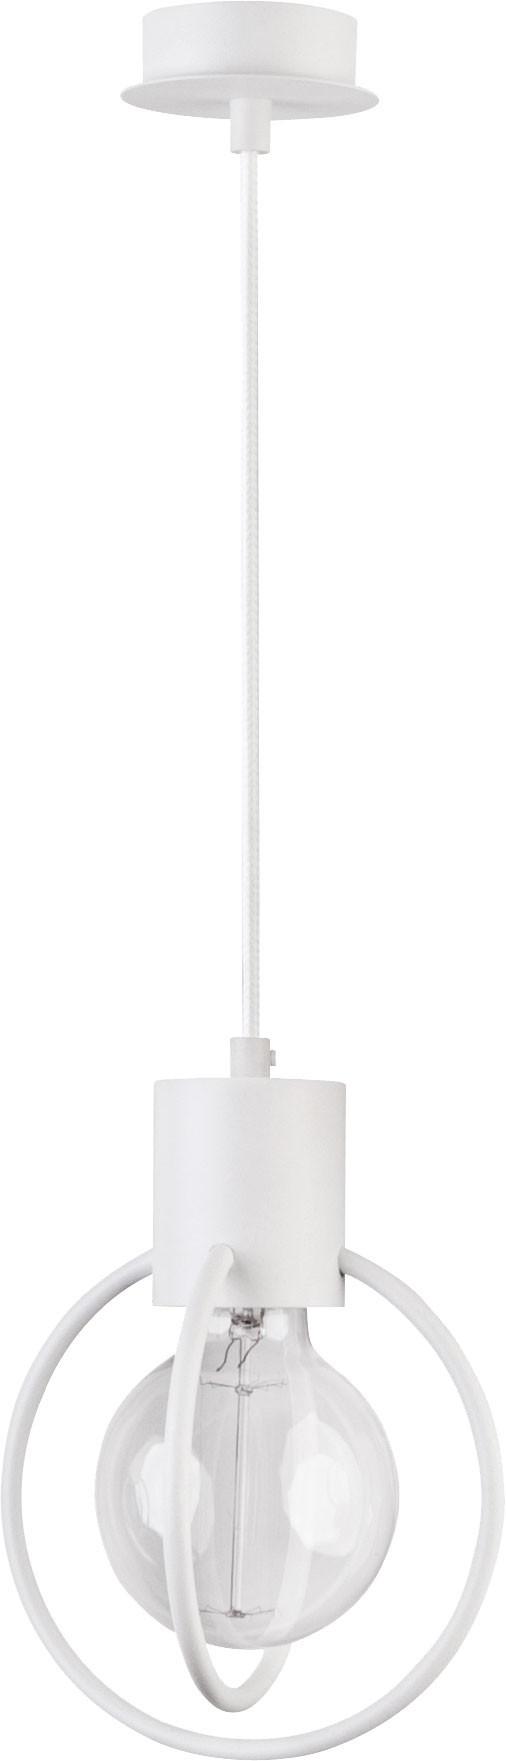 Lampa wisząca Aura koło 1 biała mat 31099 - Sigma Do -17% rabatu w koszyku i darmowa dostawa od 299zł !